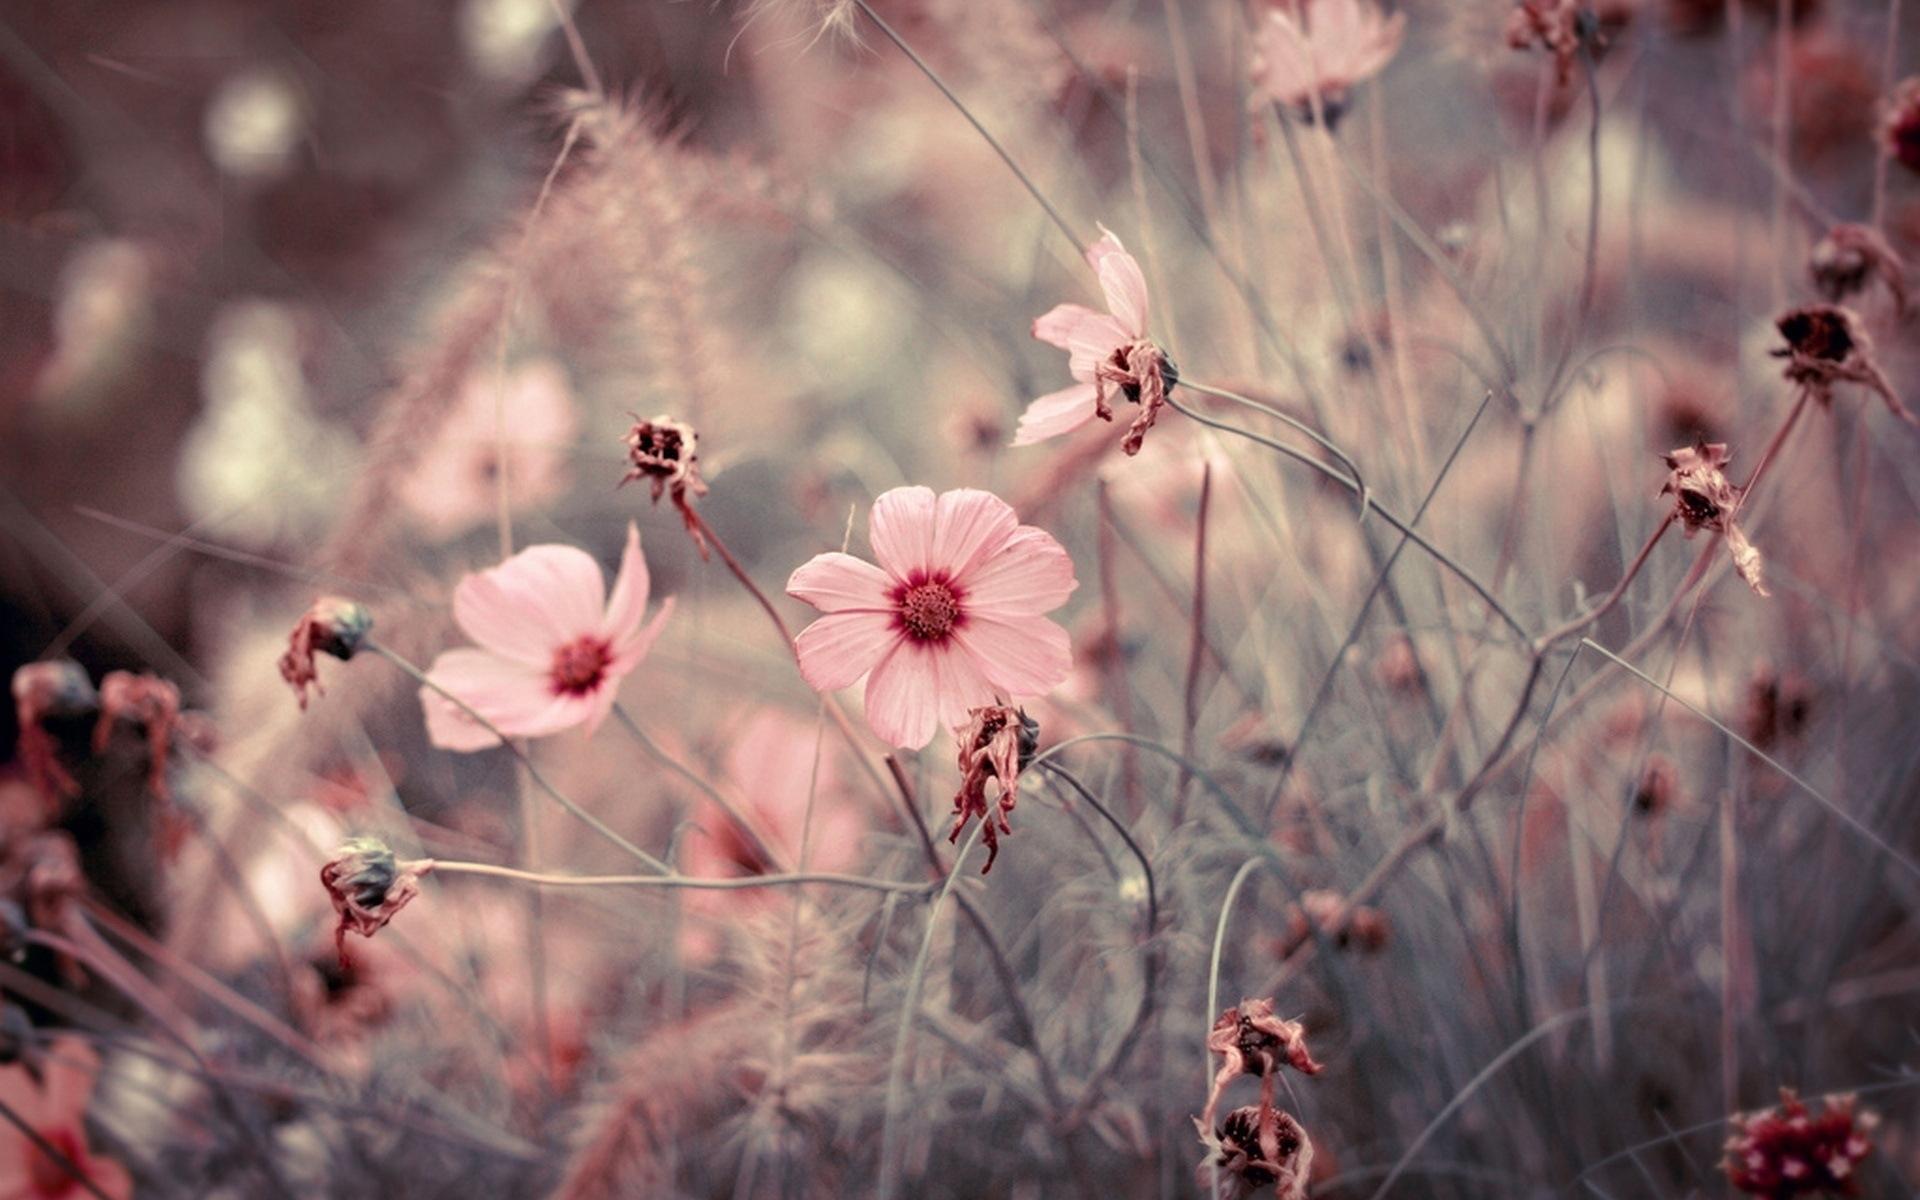 31127 скачать обои Растения, Цветы - заставки и картинки бесплатно